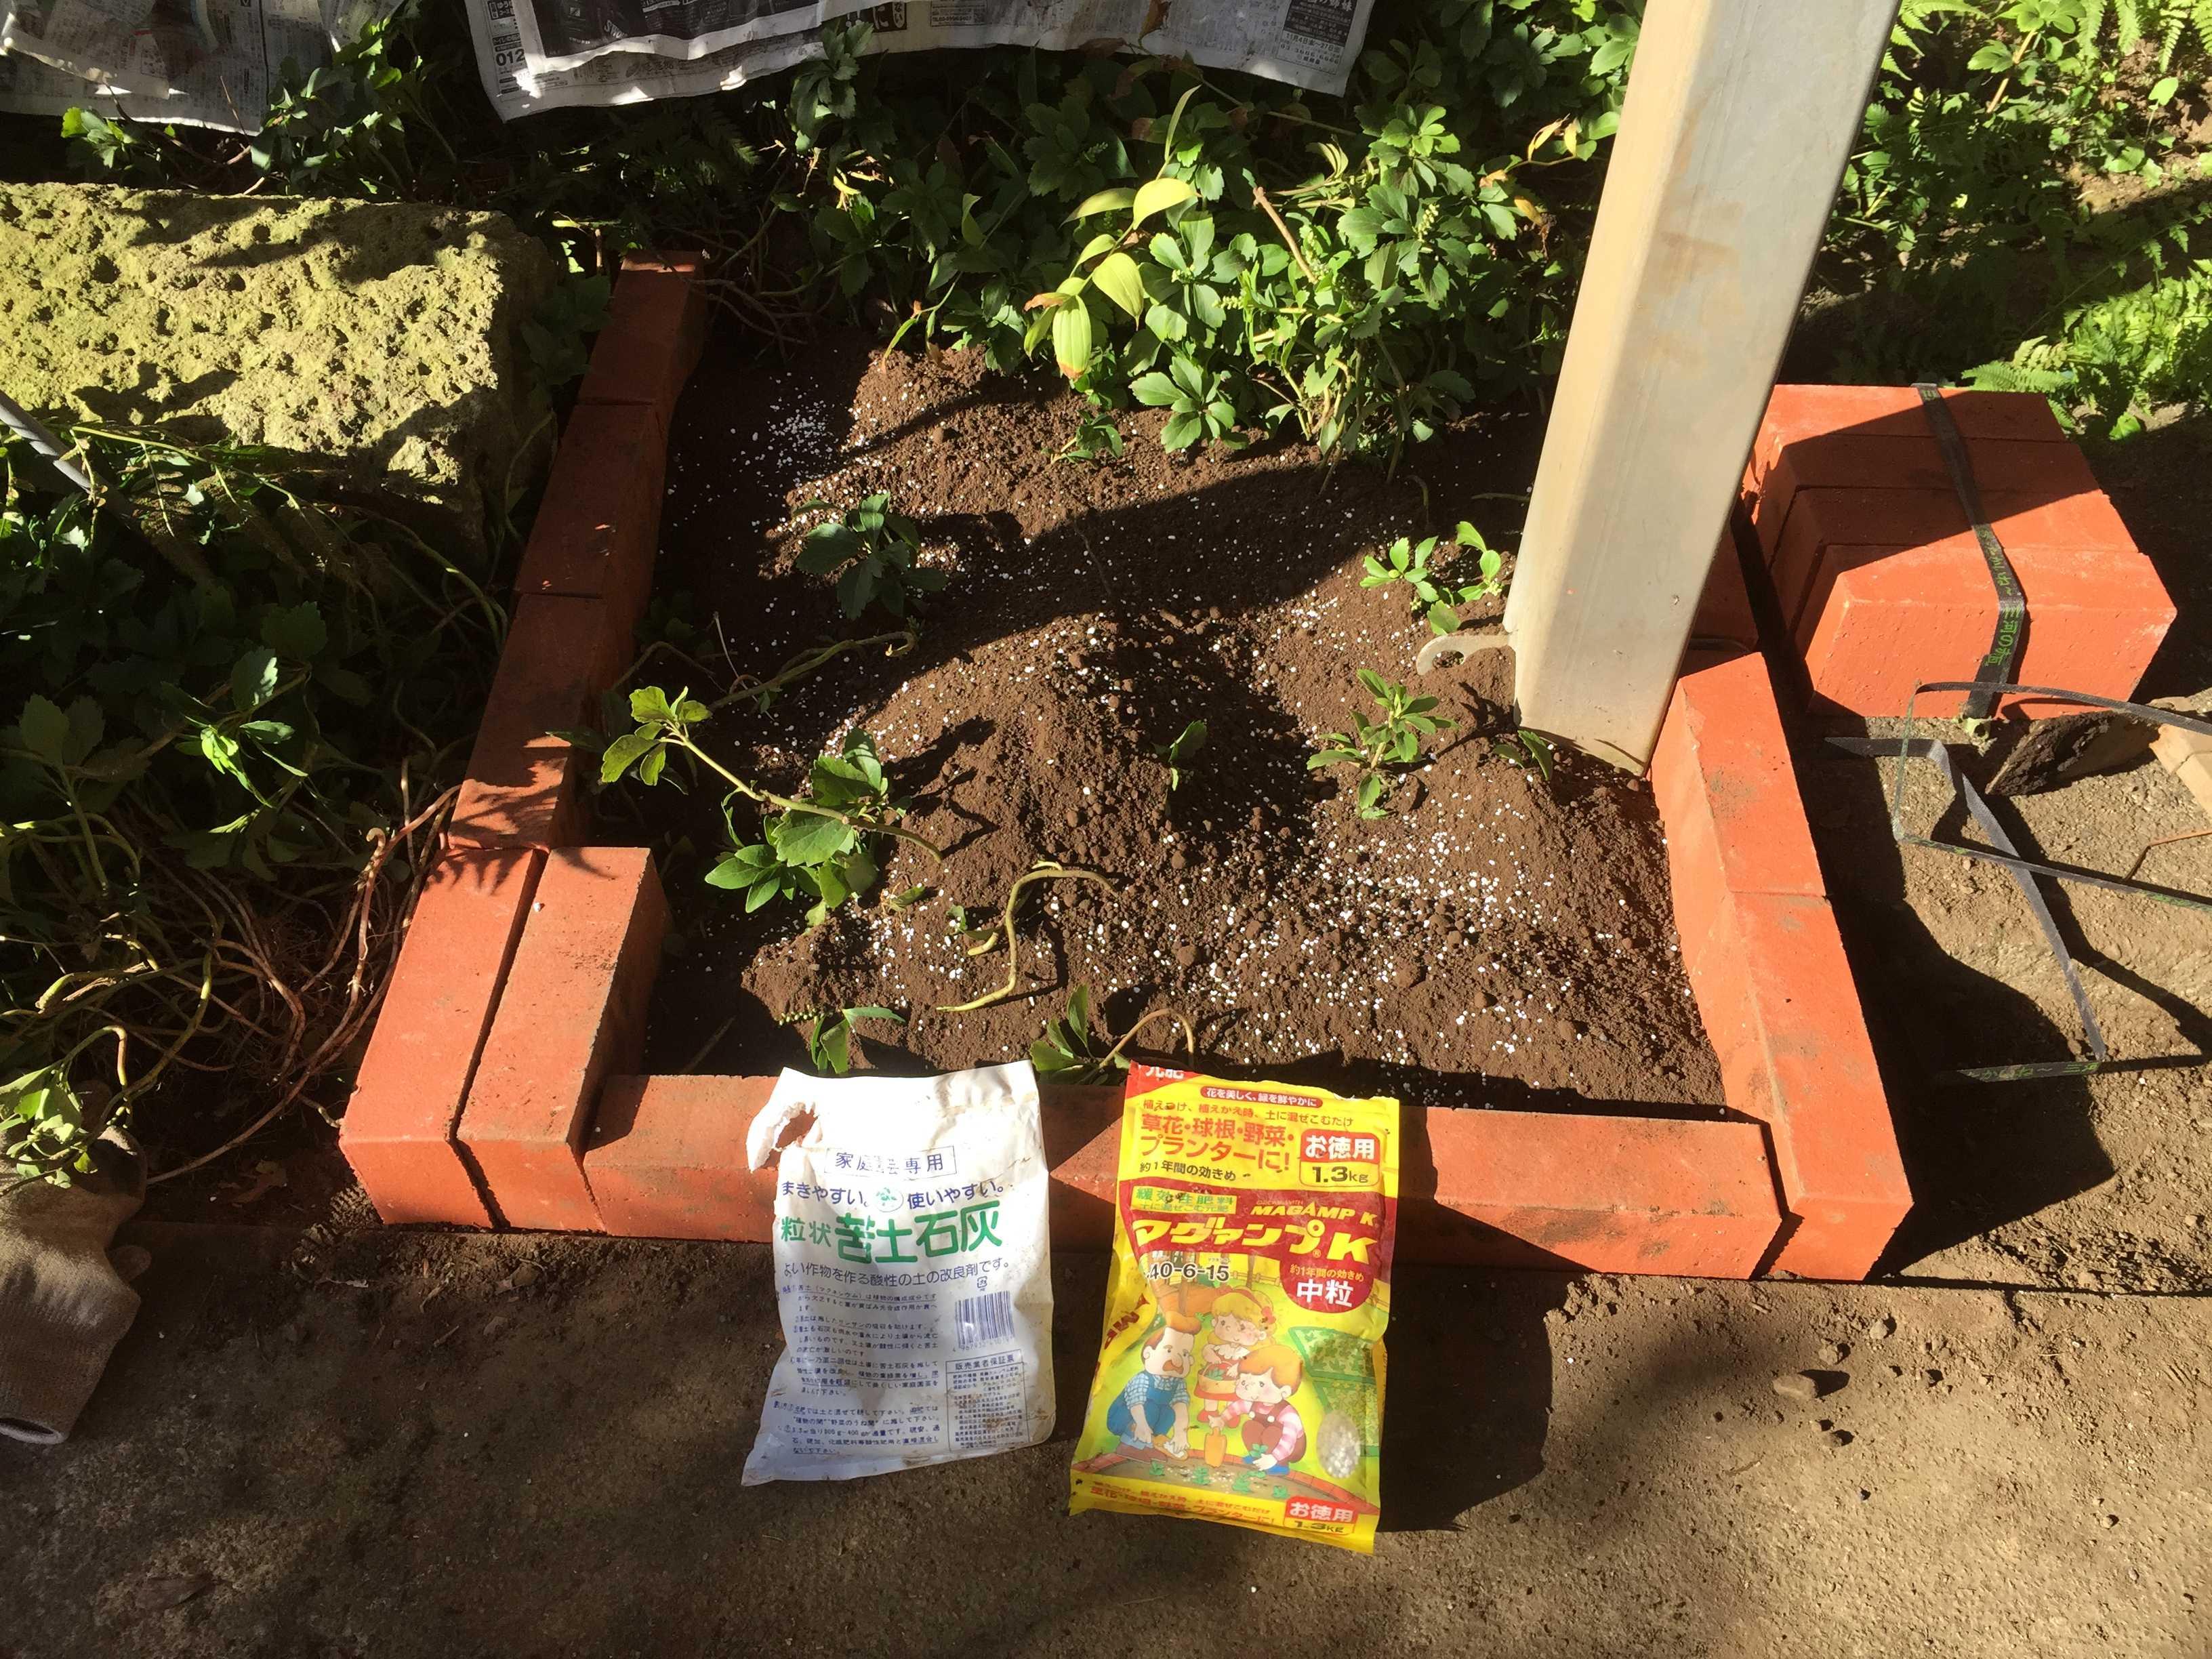 ヤマユリの球根植え付け - マグァンプ + 苦土石灰